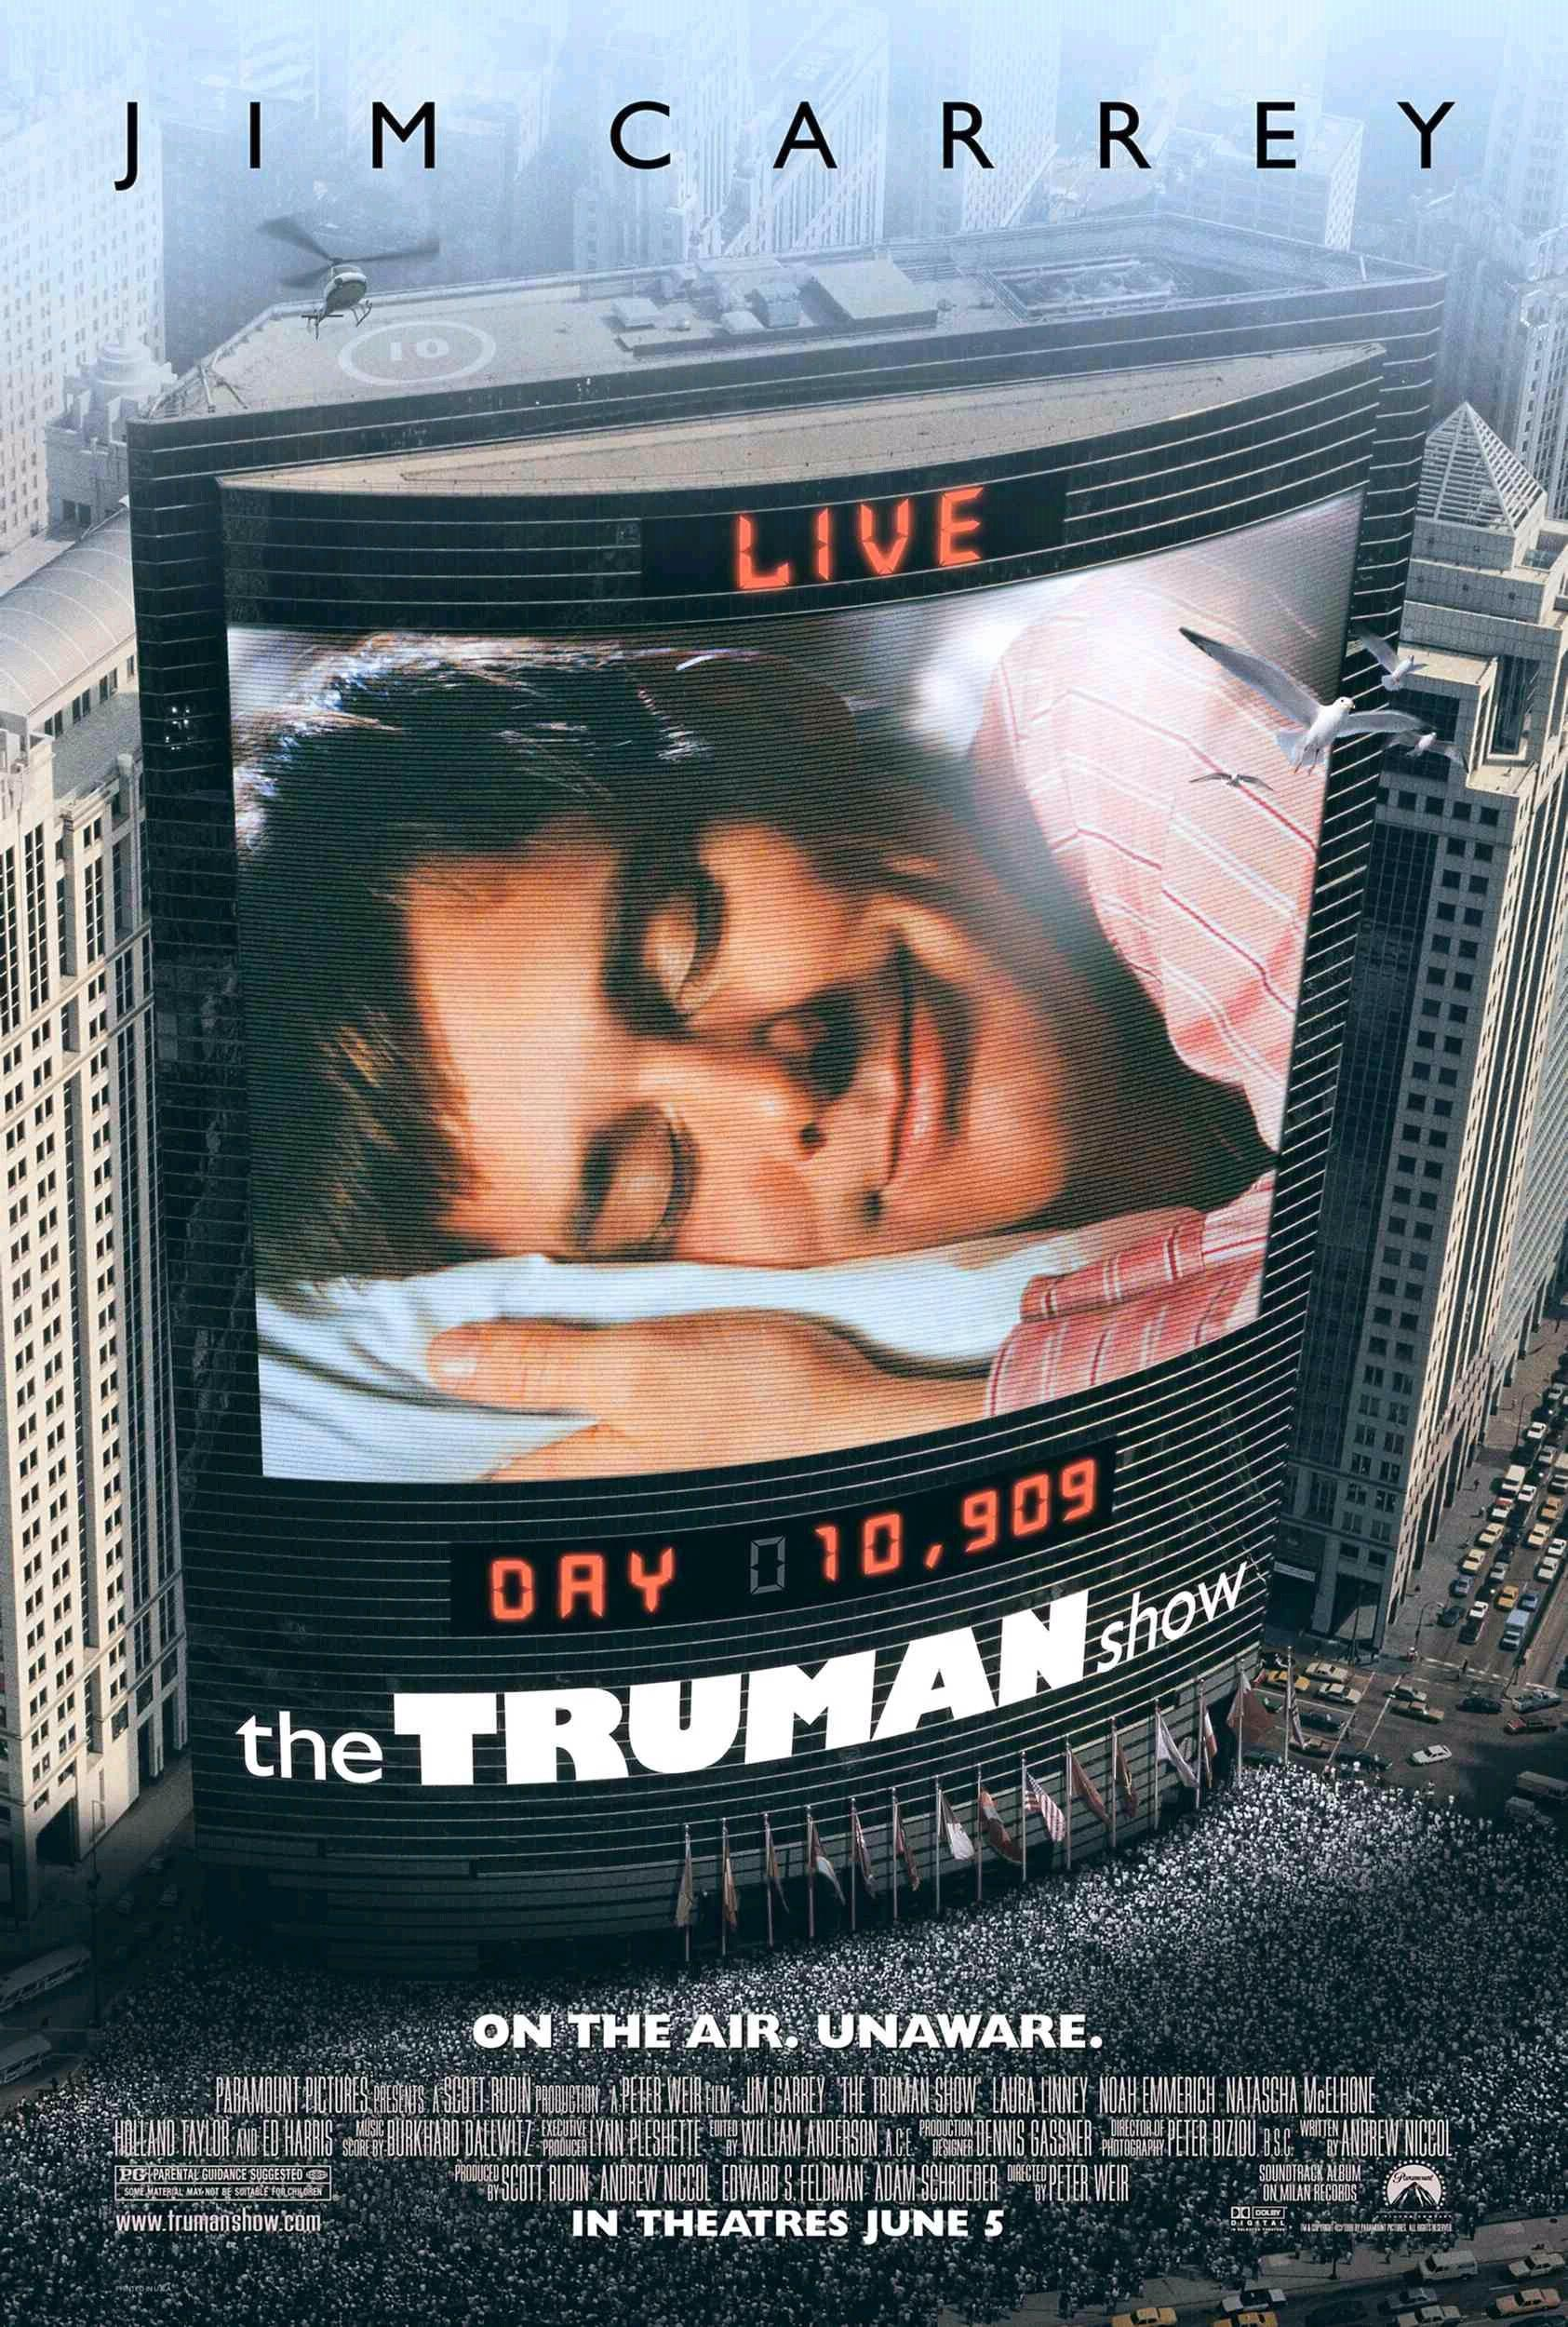 show de truman filme anos 90